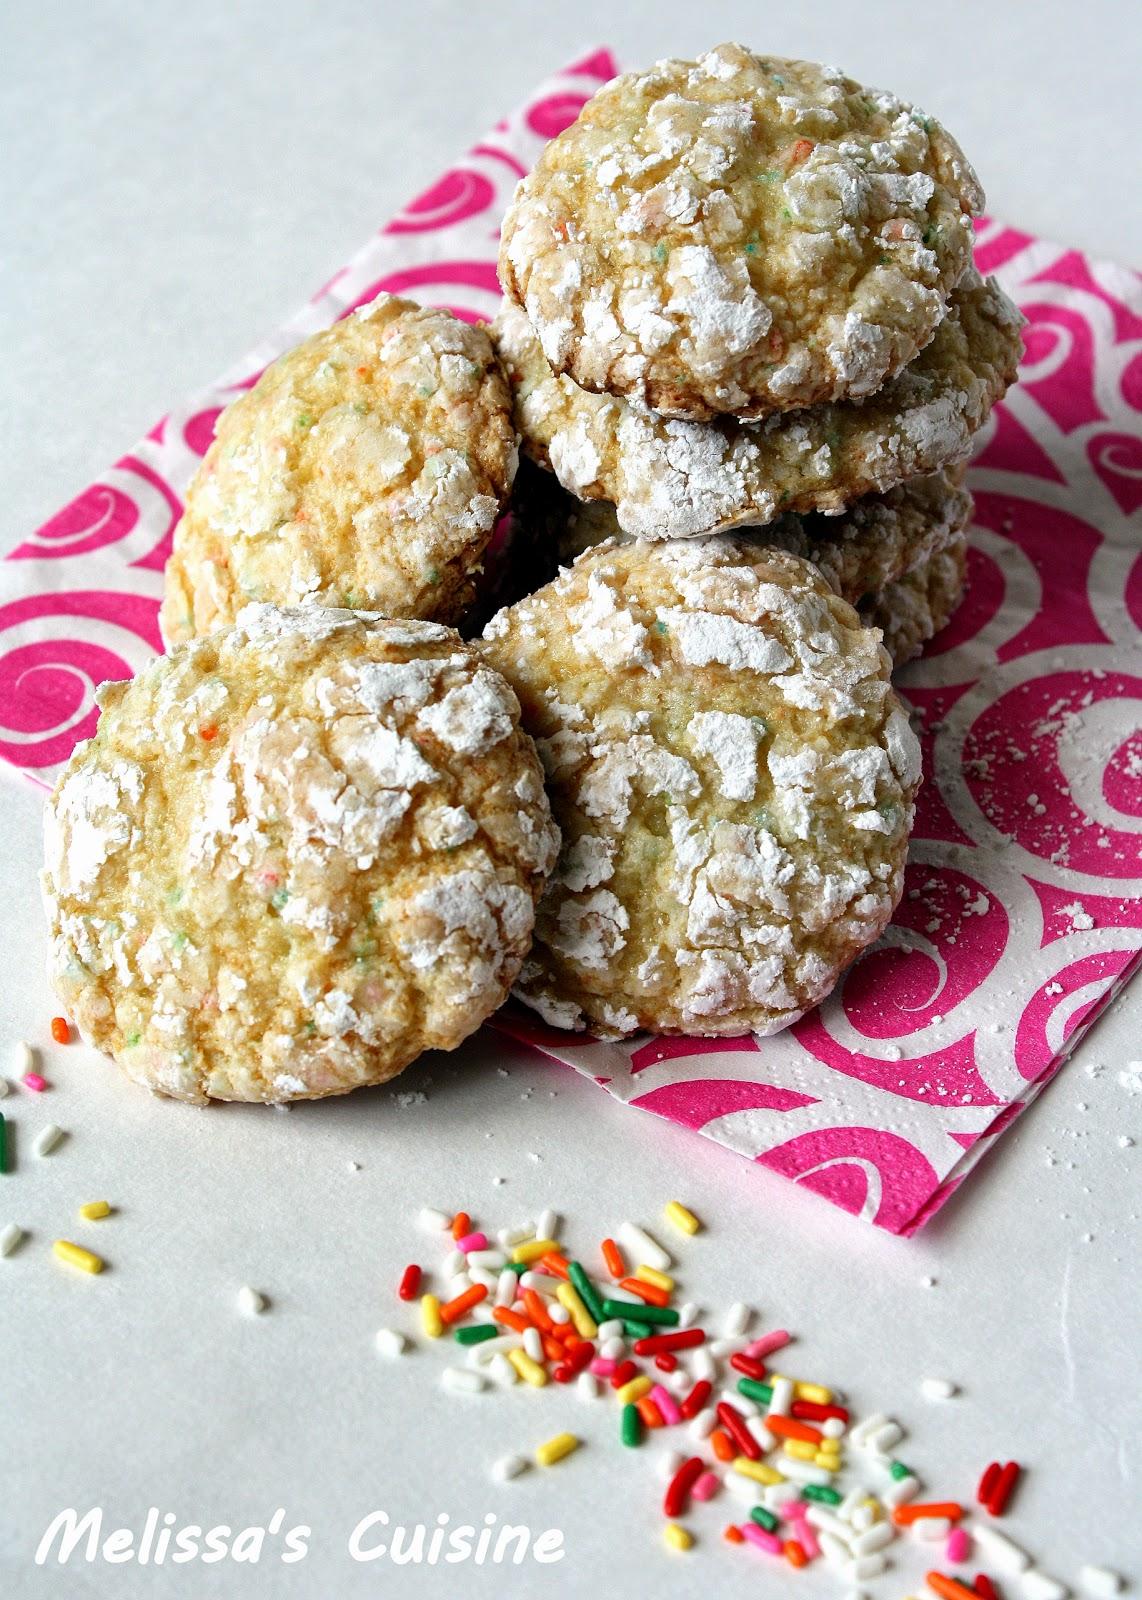 Melissa's Cuisine: Funfetti Crinkle Cookies